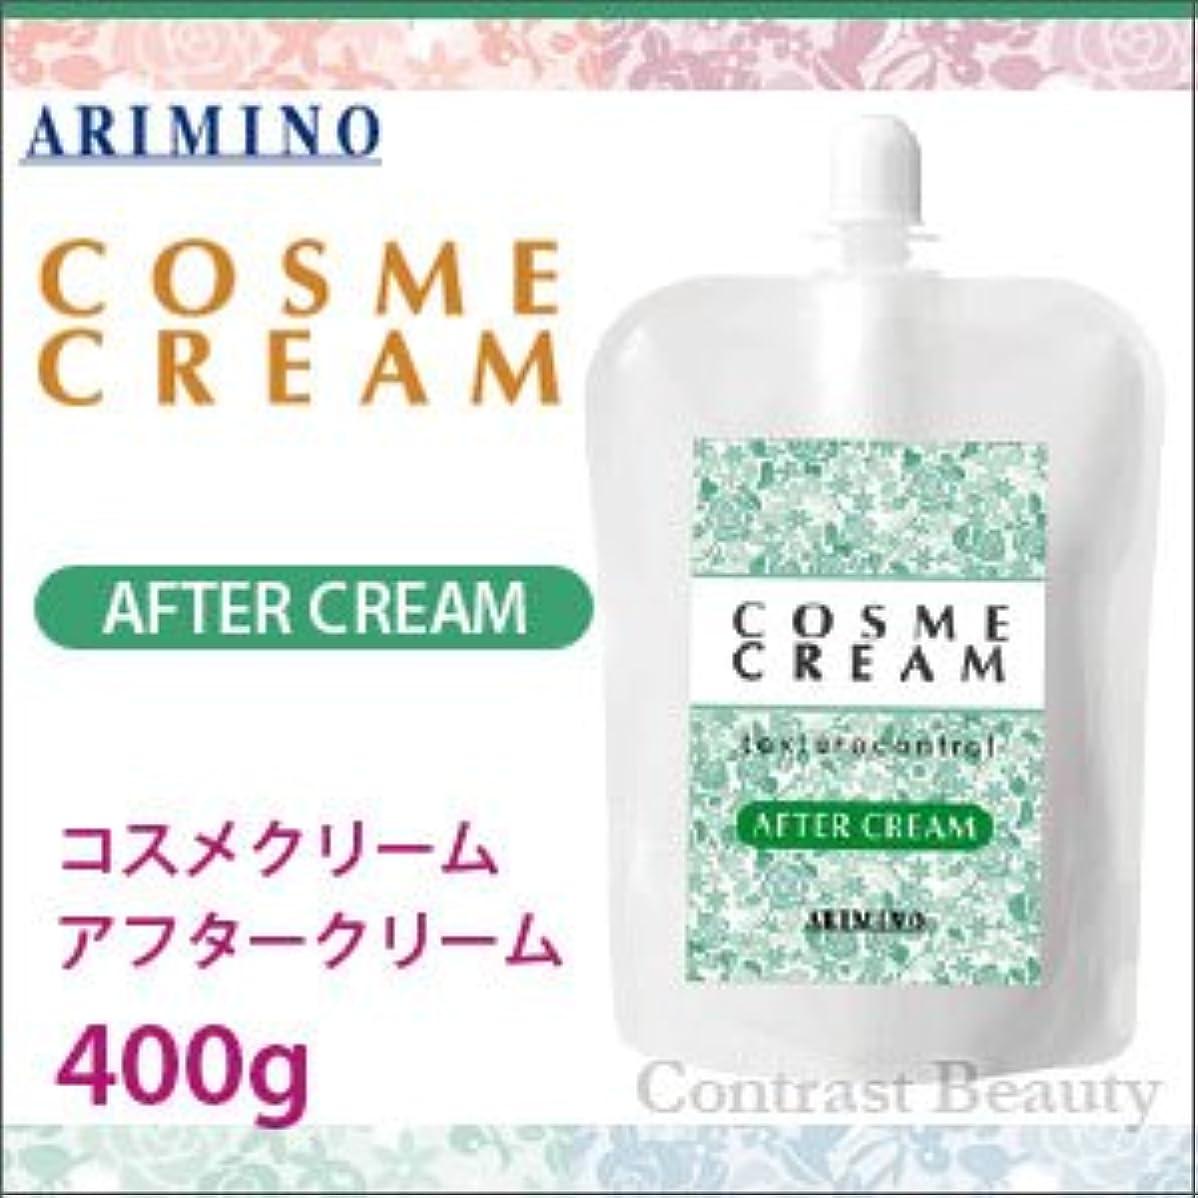 毛布噛む前提条件【X5個セット】 アリミノ コスメクリーム アフタークリーム 400g